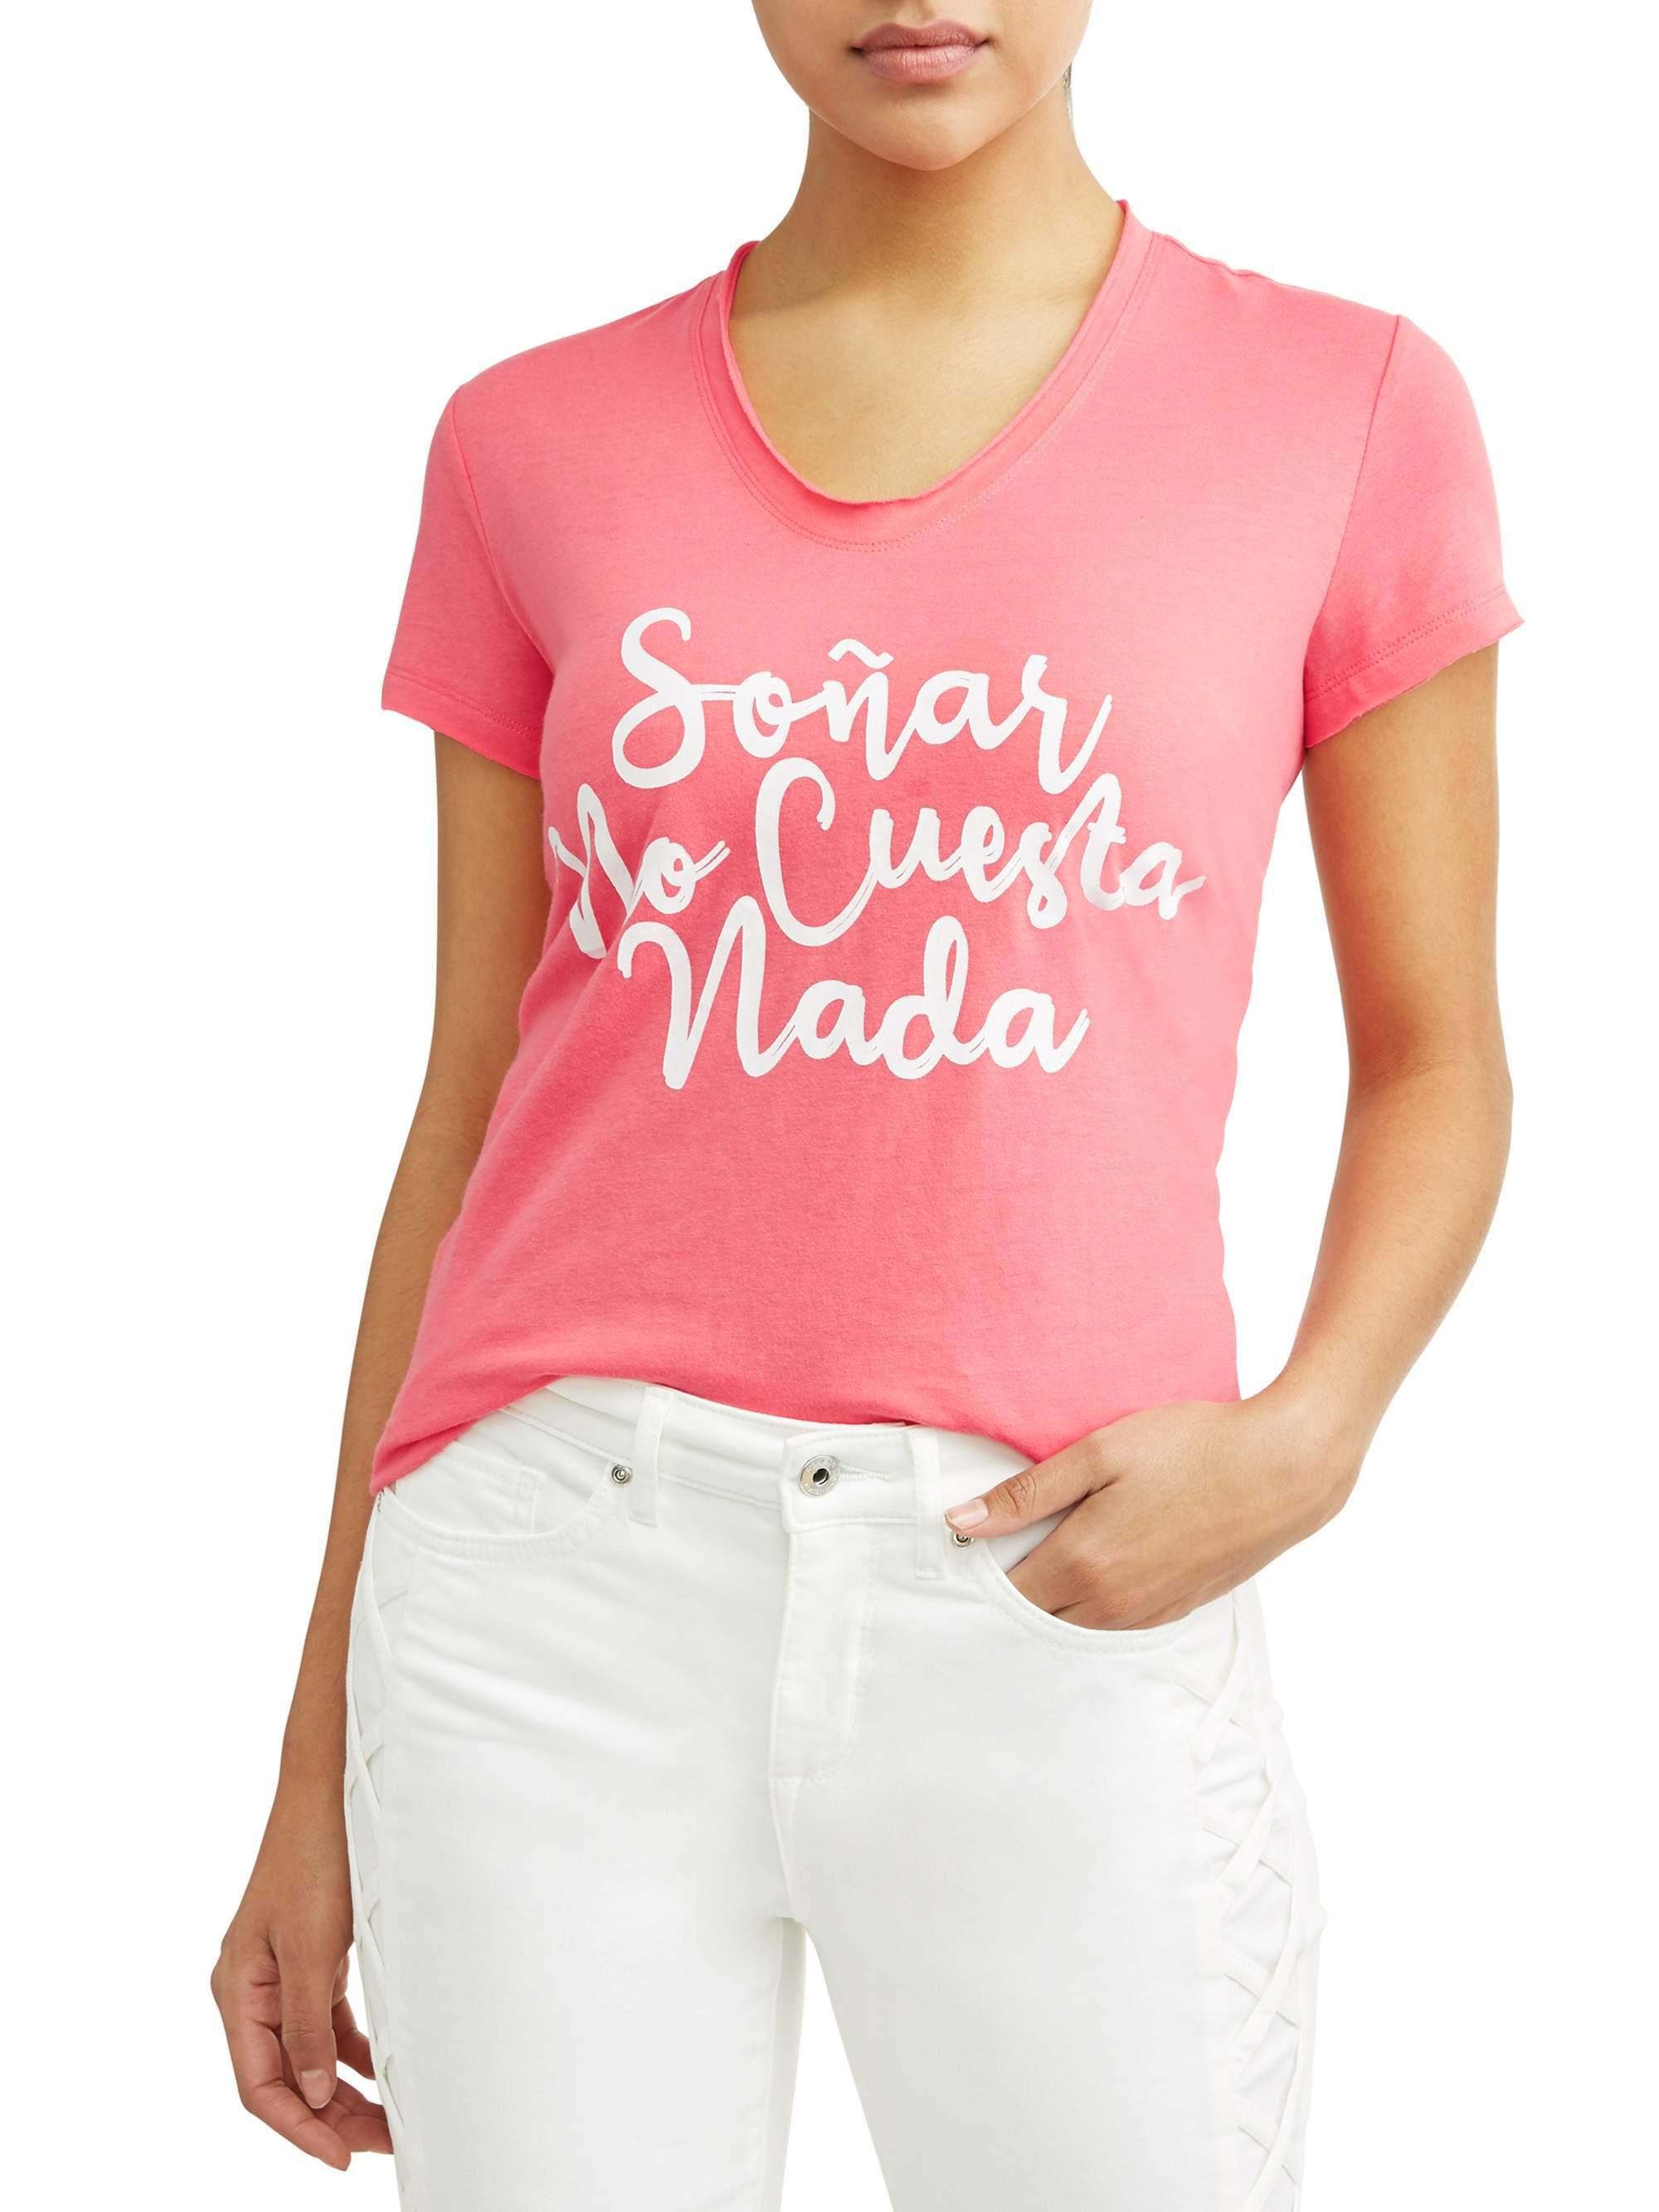 Soñar No Cuesta Nada Short Sleeve V-Neck Graphic T-Shirt Women's